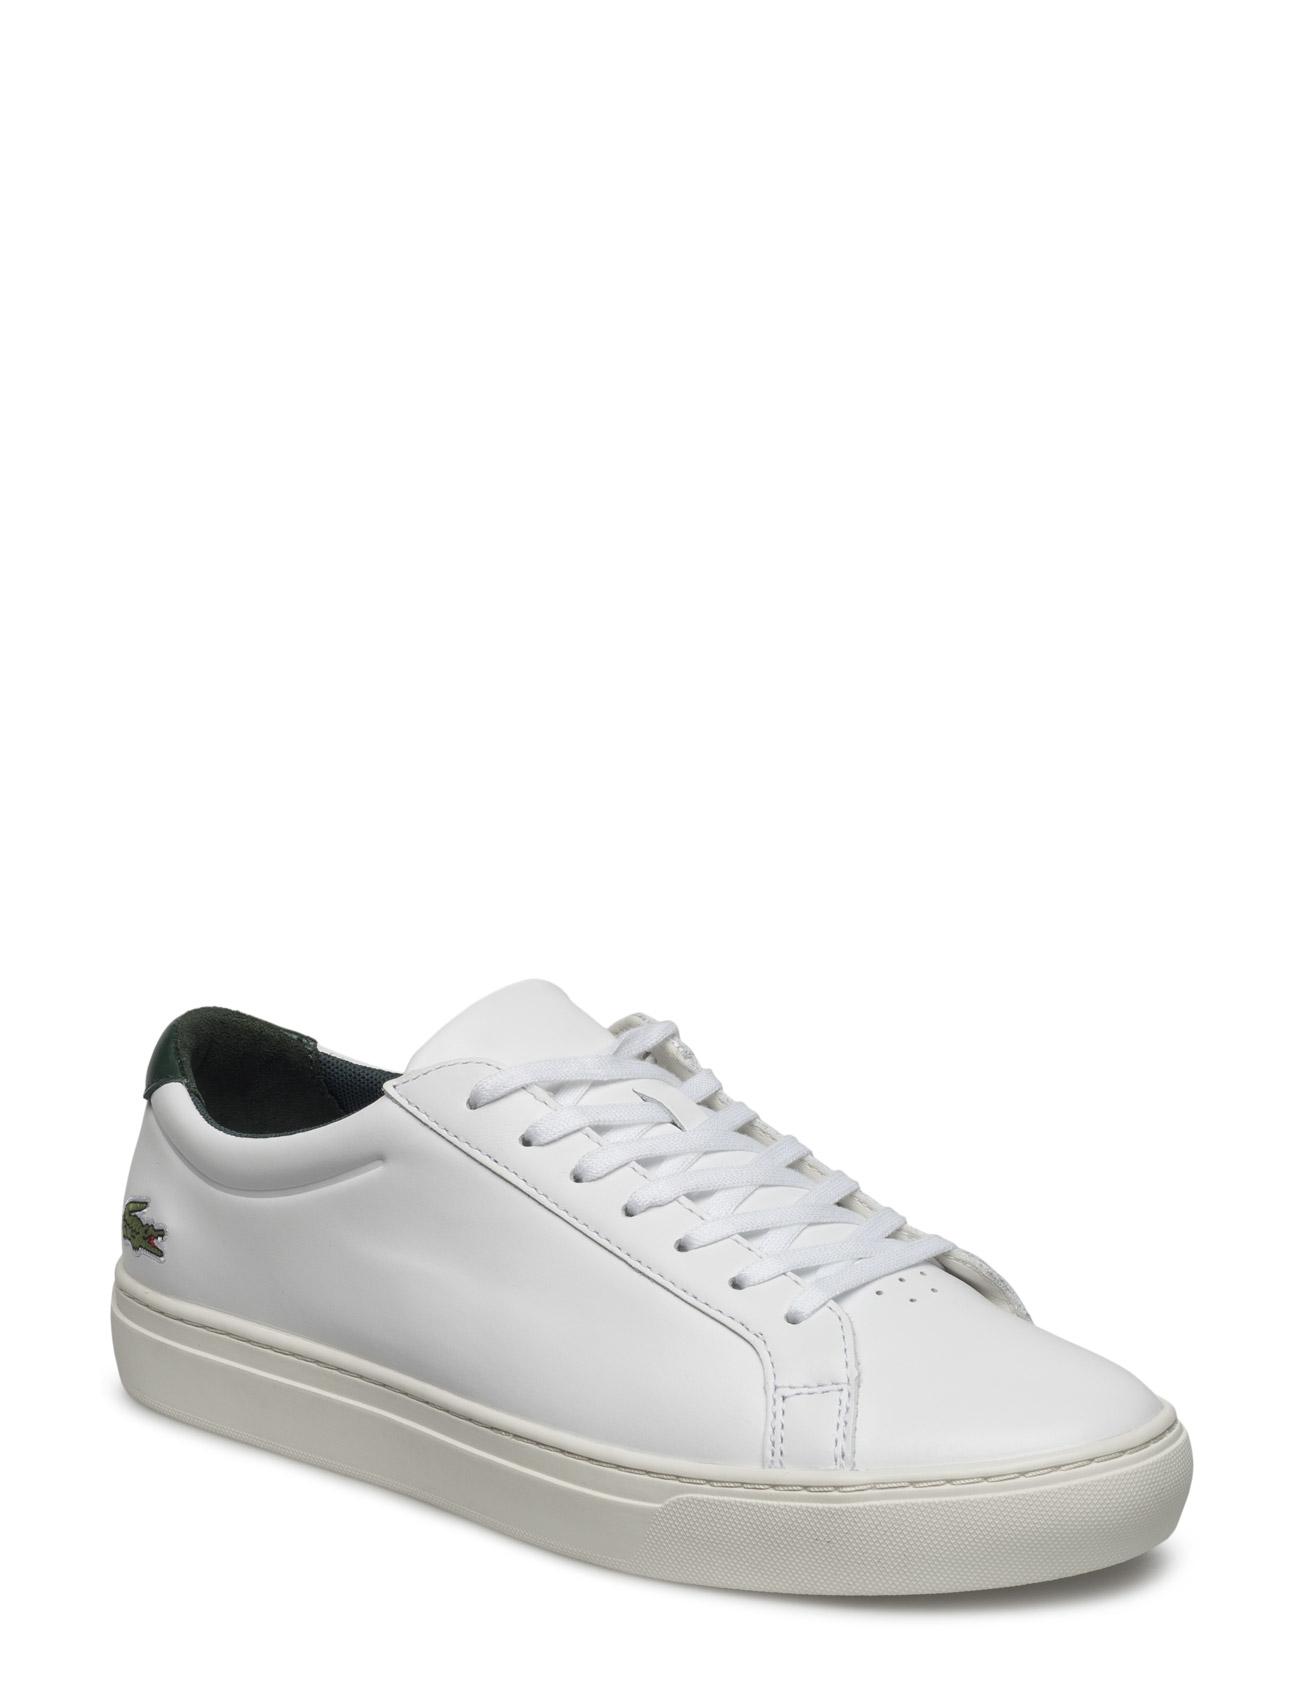 lacoste shoes L.12.12 117 2 på boozt.com dk